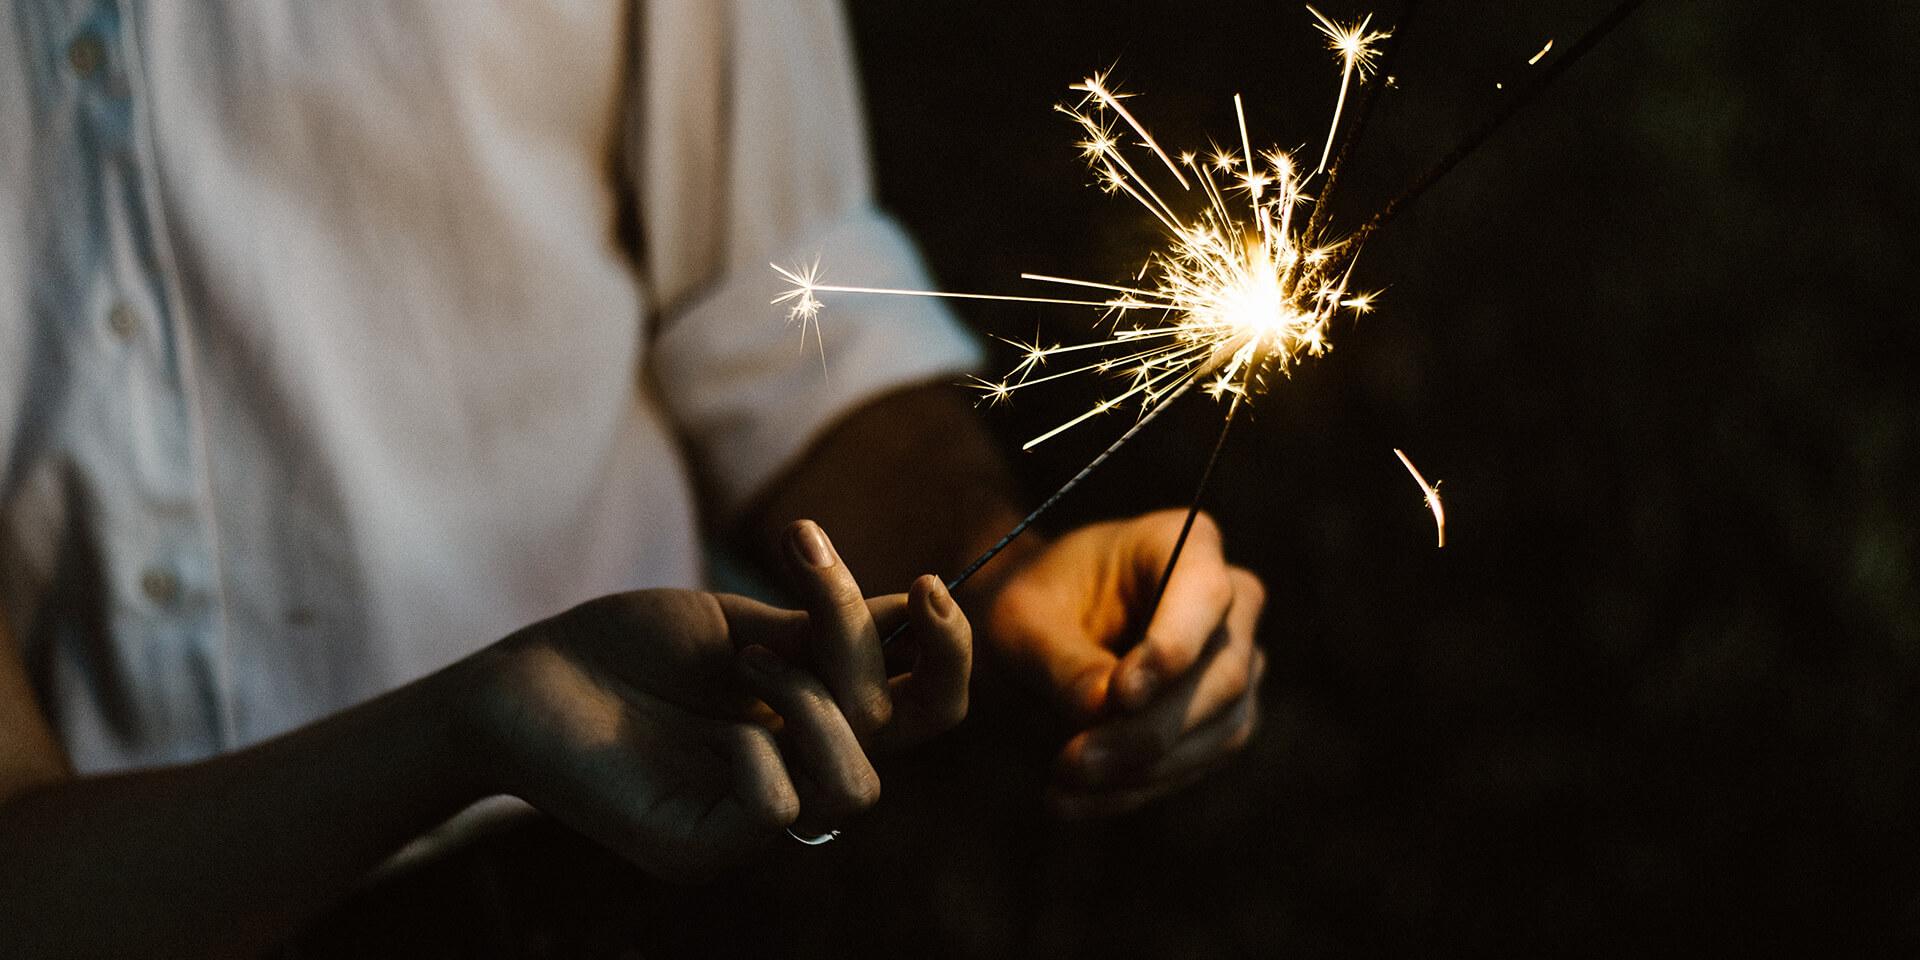 Hände mit Wunderkerzen